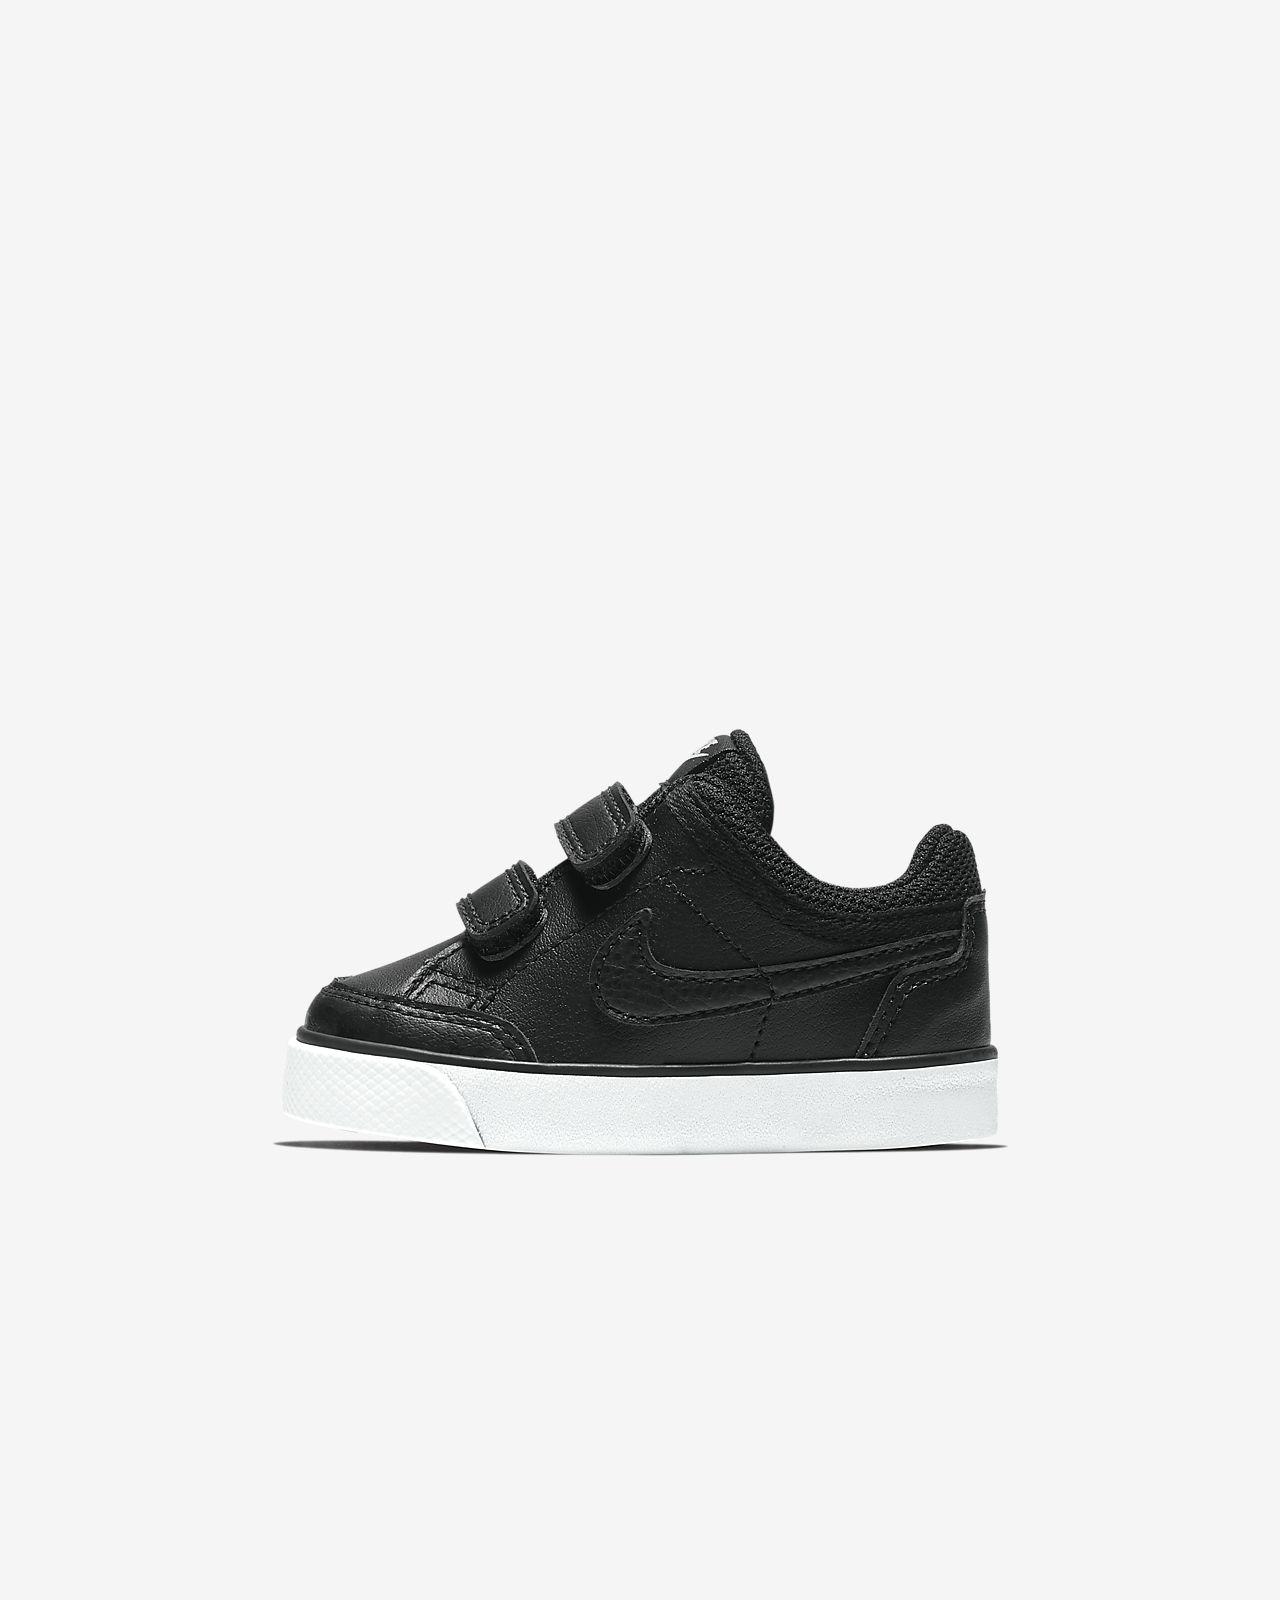 f679f4d20424 Nike Capri 3 Infant Toddler Shoe. Nike.com